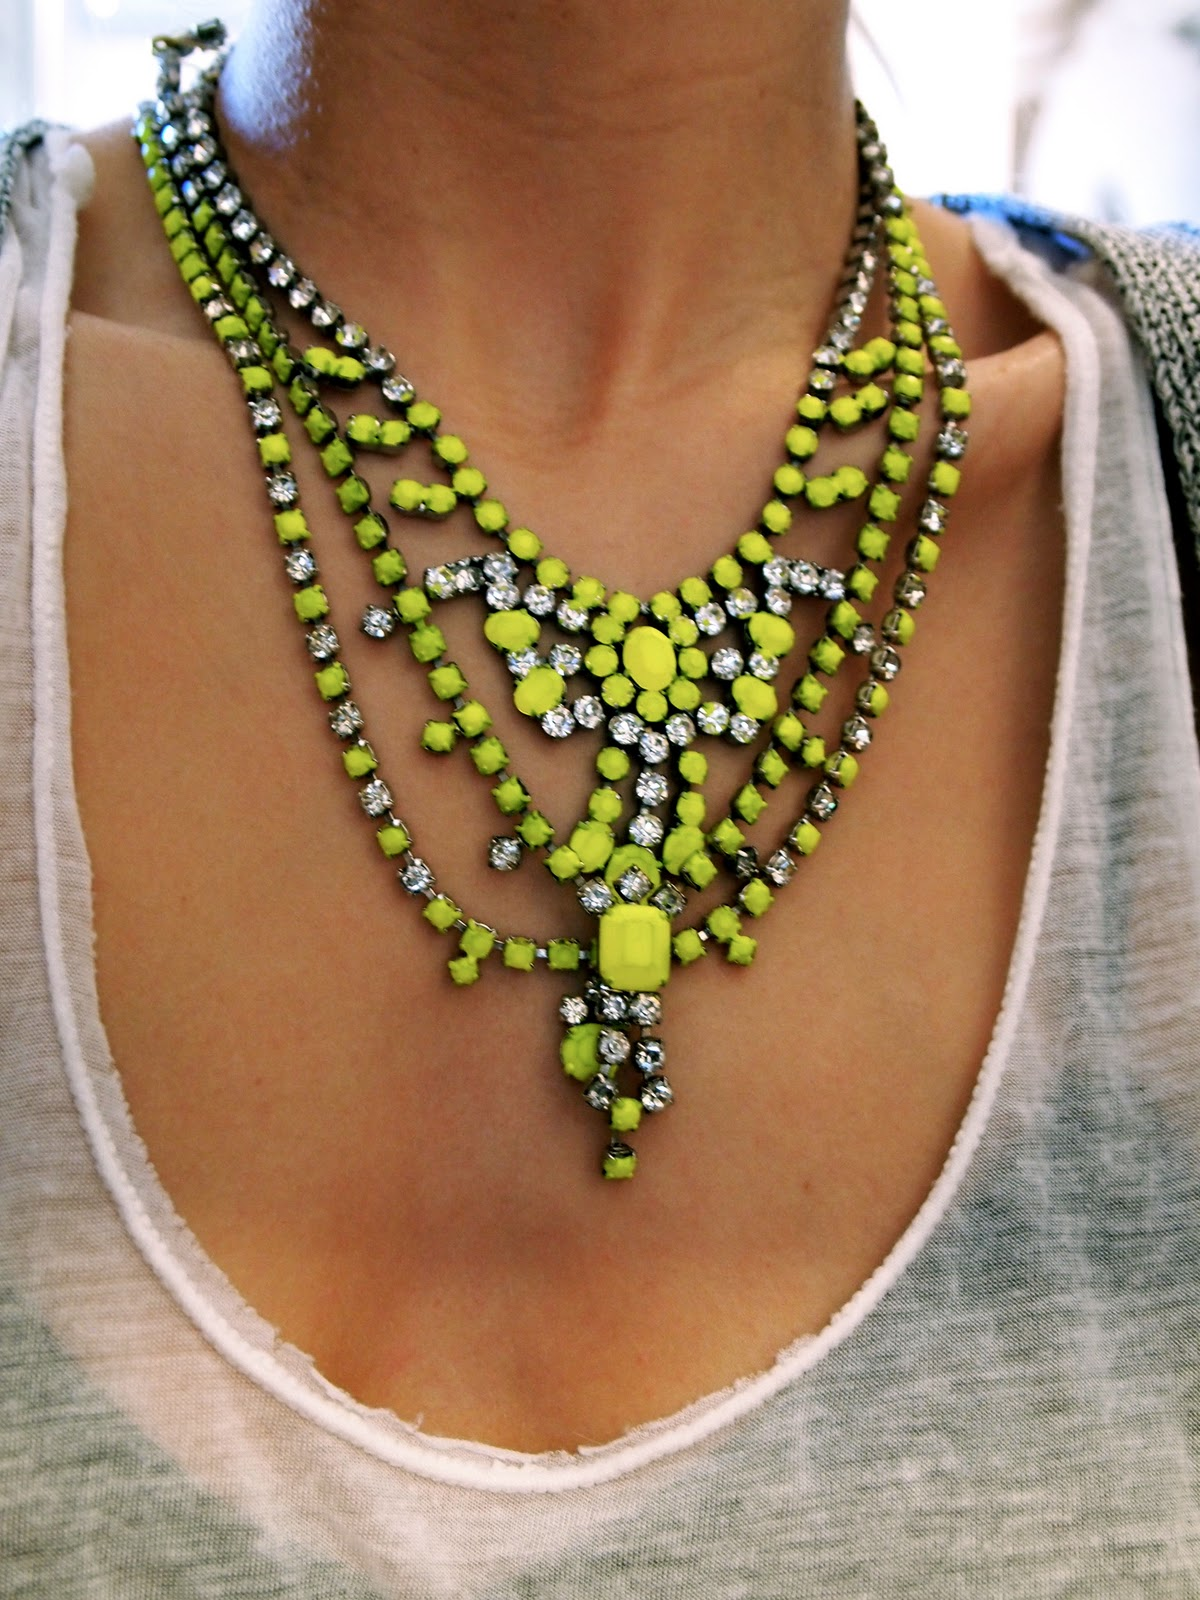 diy neon statement necklace - photo #3